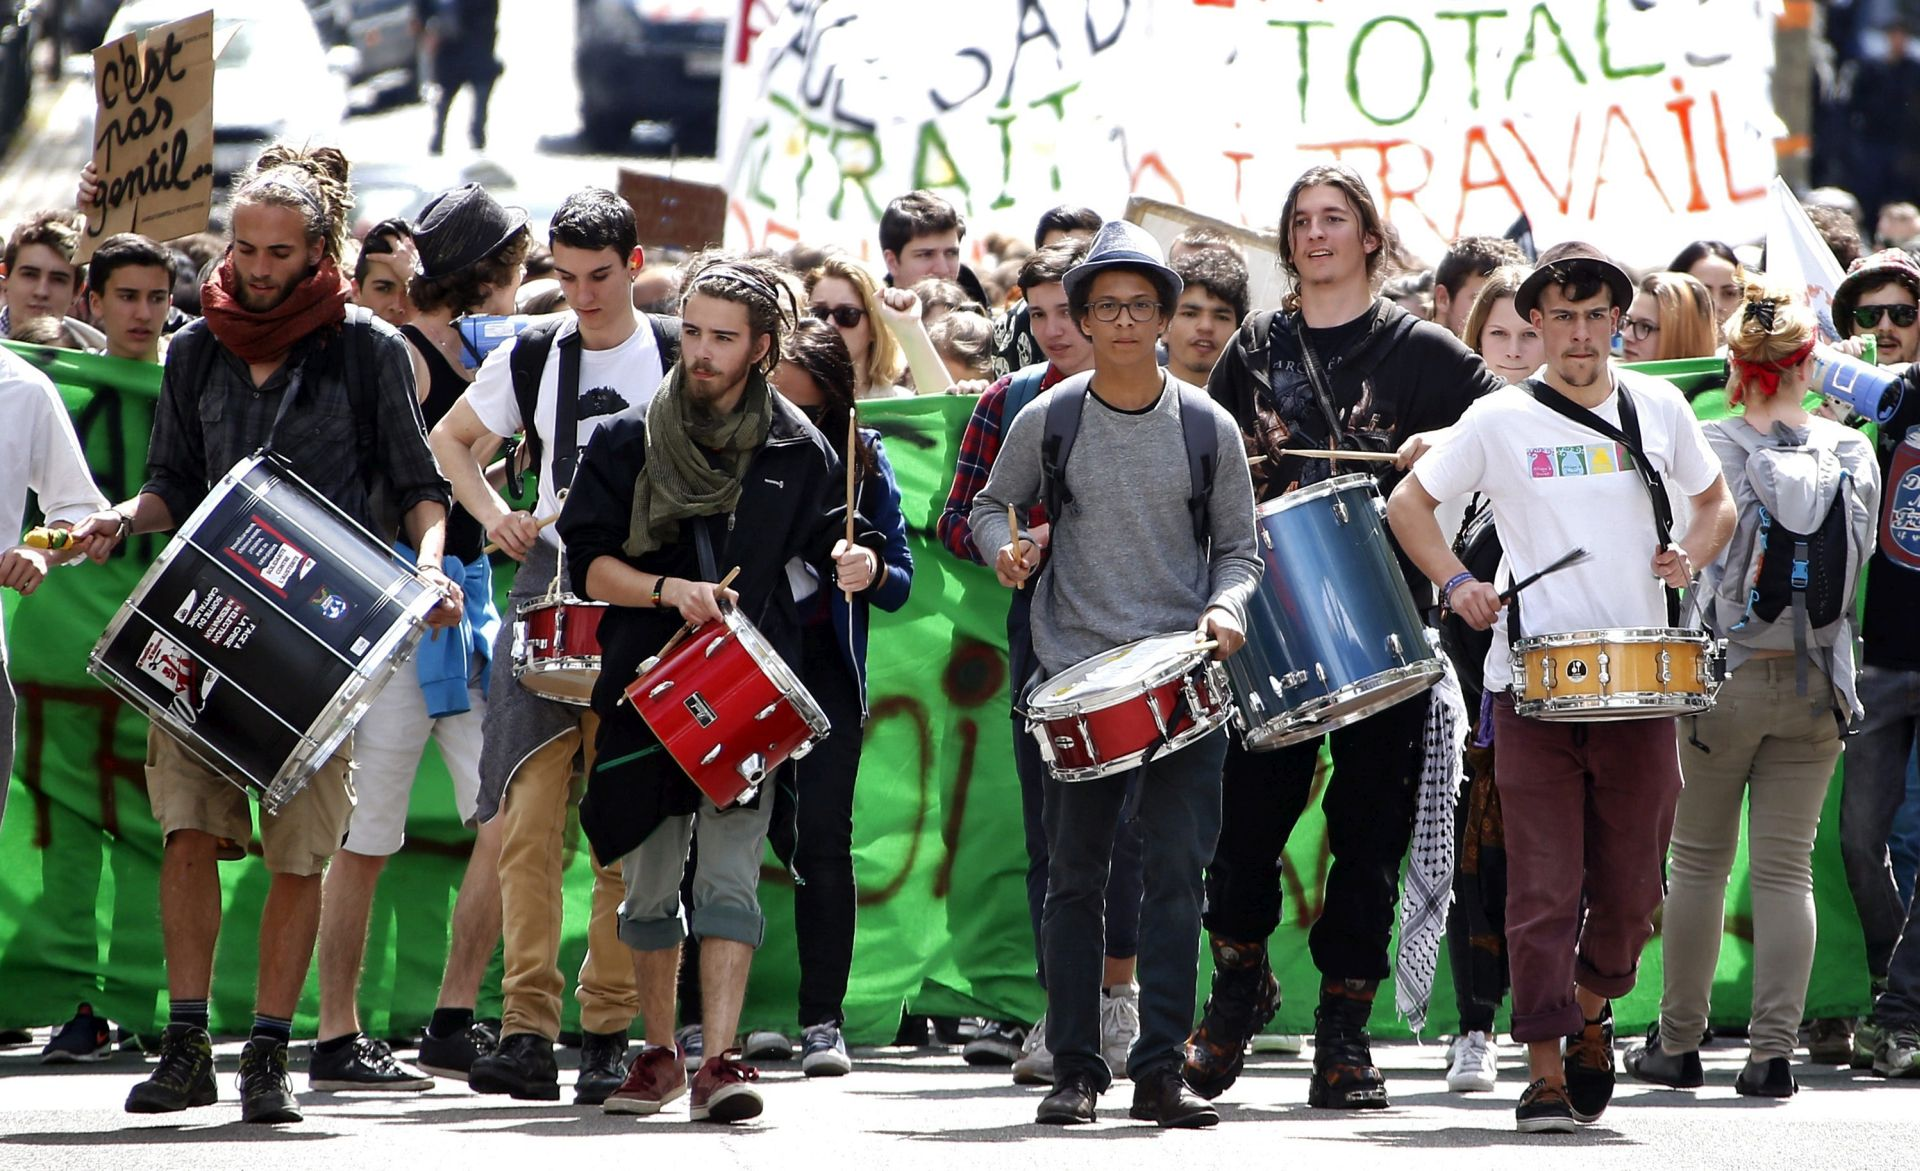 NEREDI U PARIZU: Francuska najavljuje da će zaustaviti nasilne prosvjede